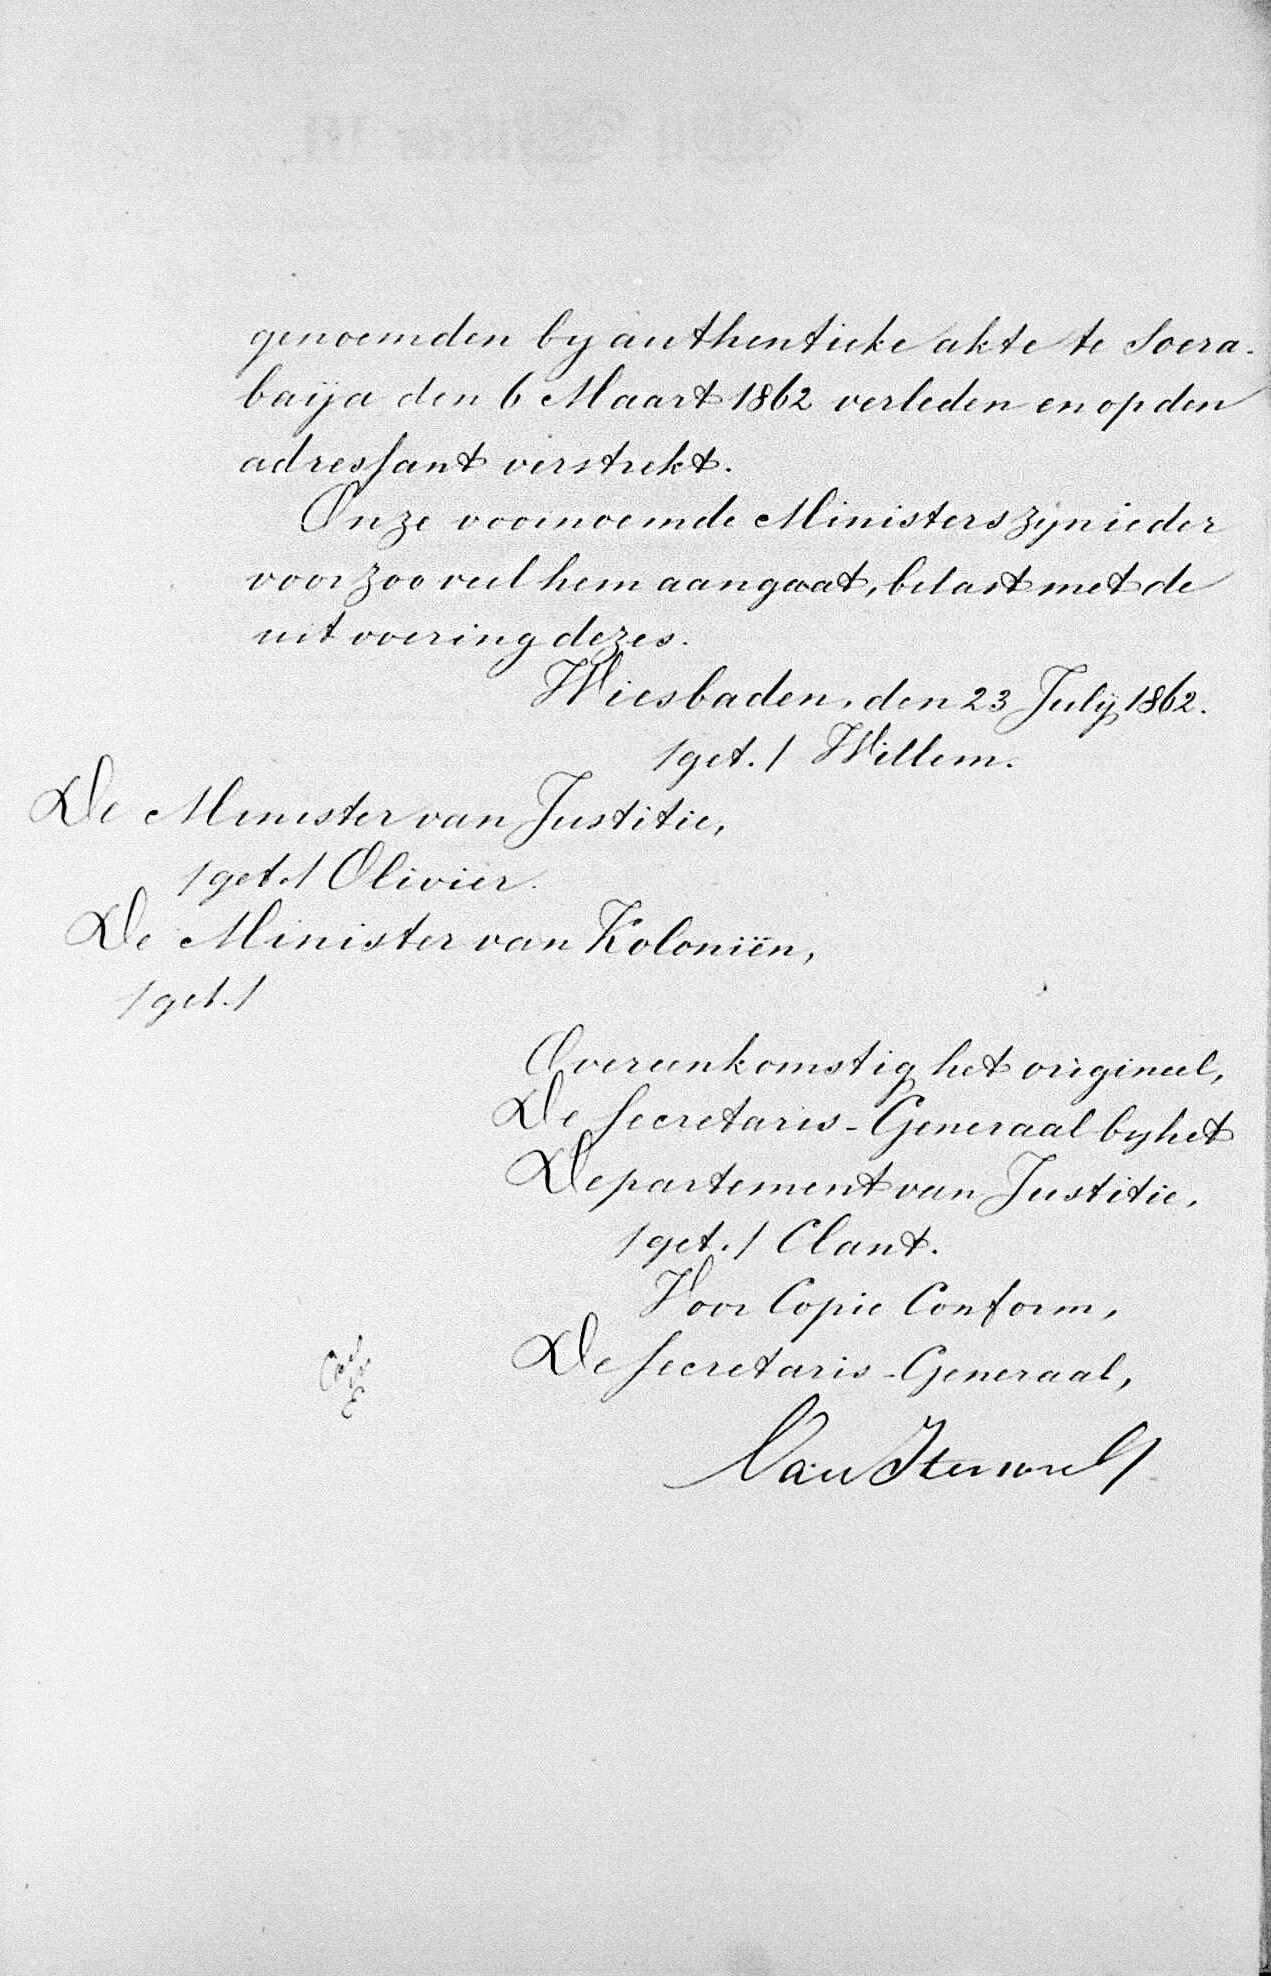 Huwelijksdispensatie (Wiesbaden, 23 juli 1862) vervolg